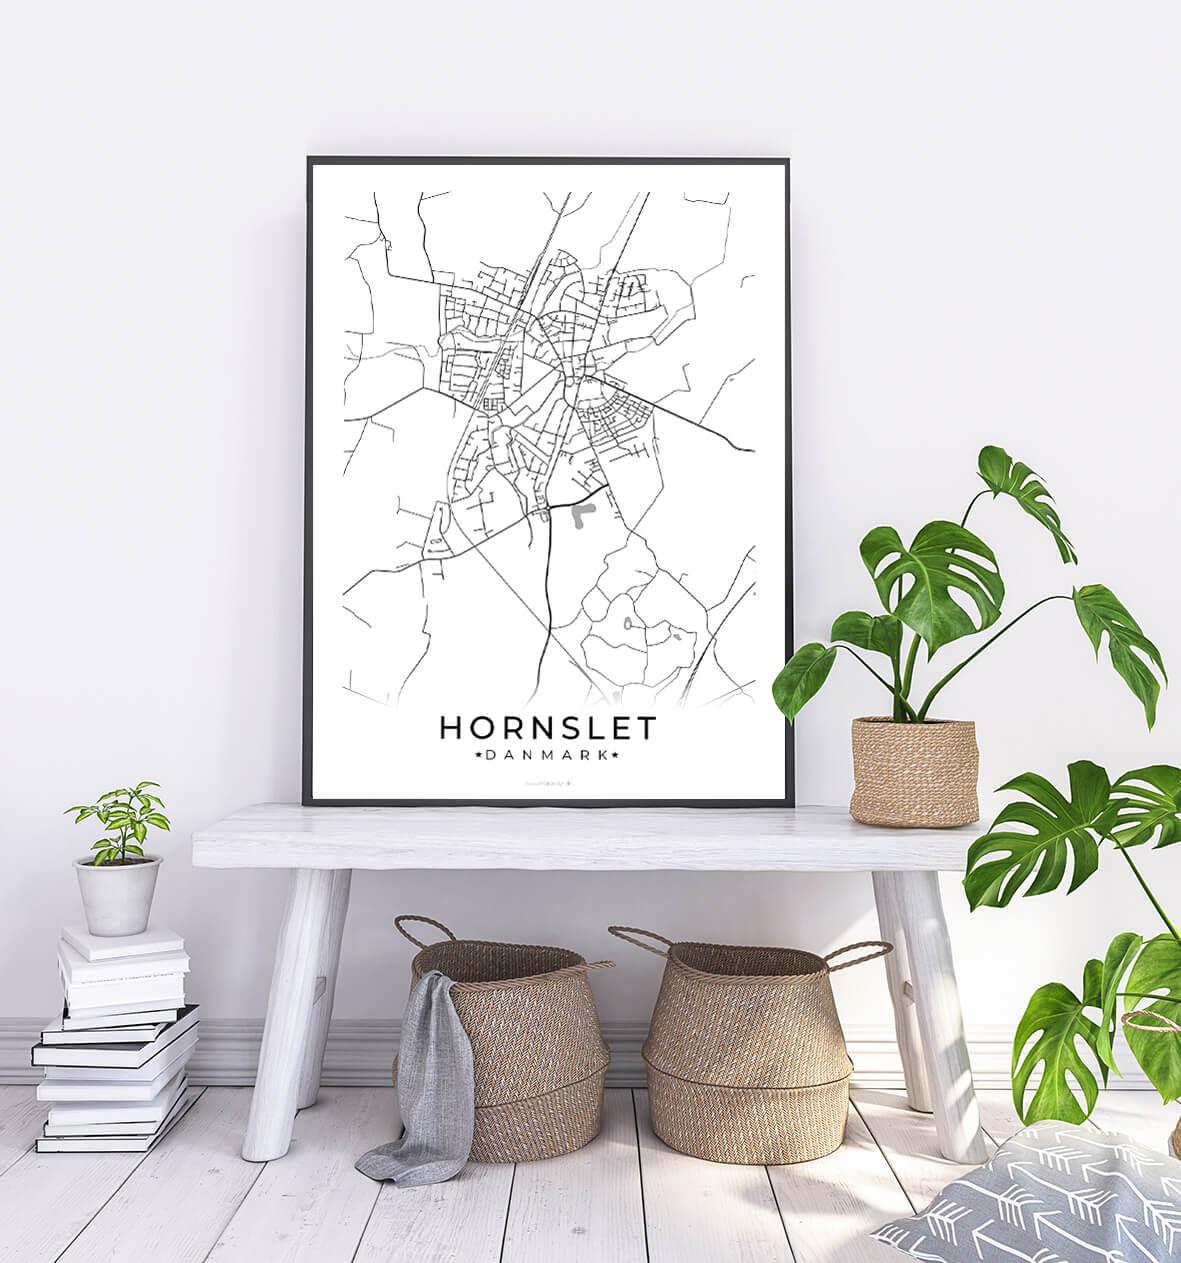 Hornslet-hvid-byplakat-1